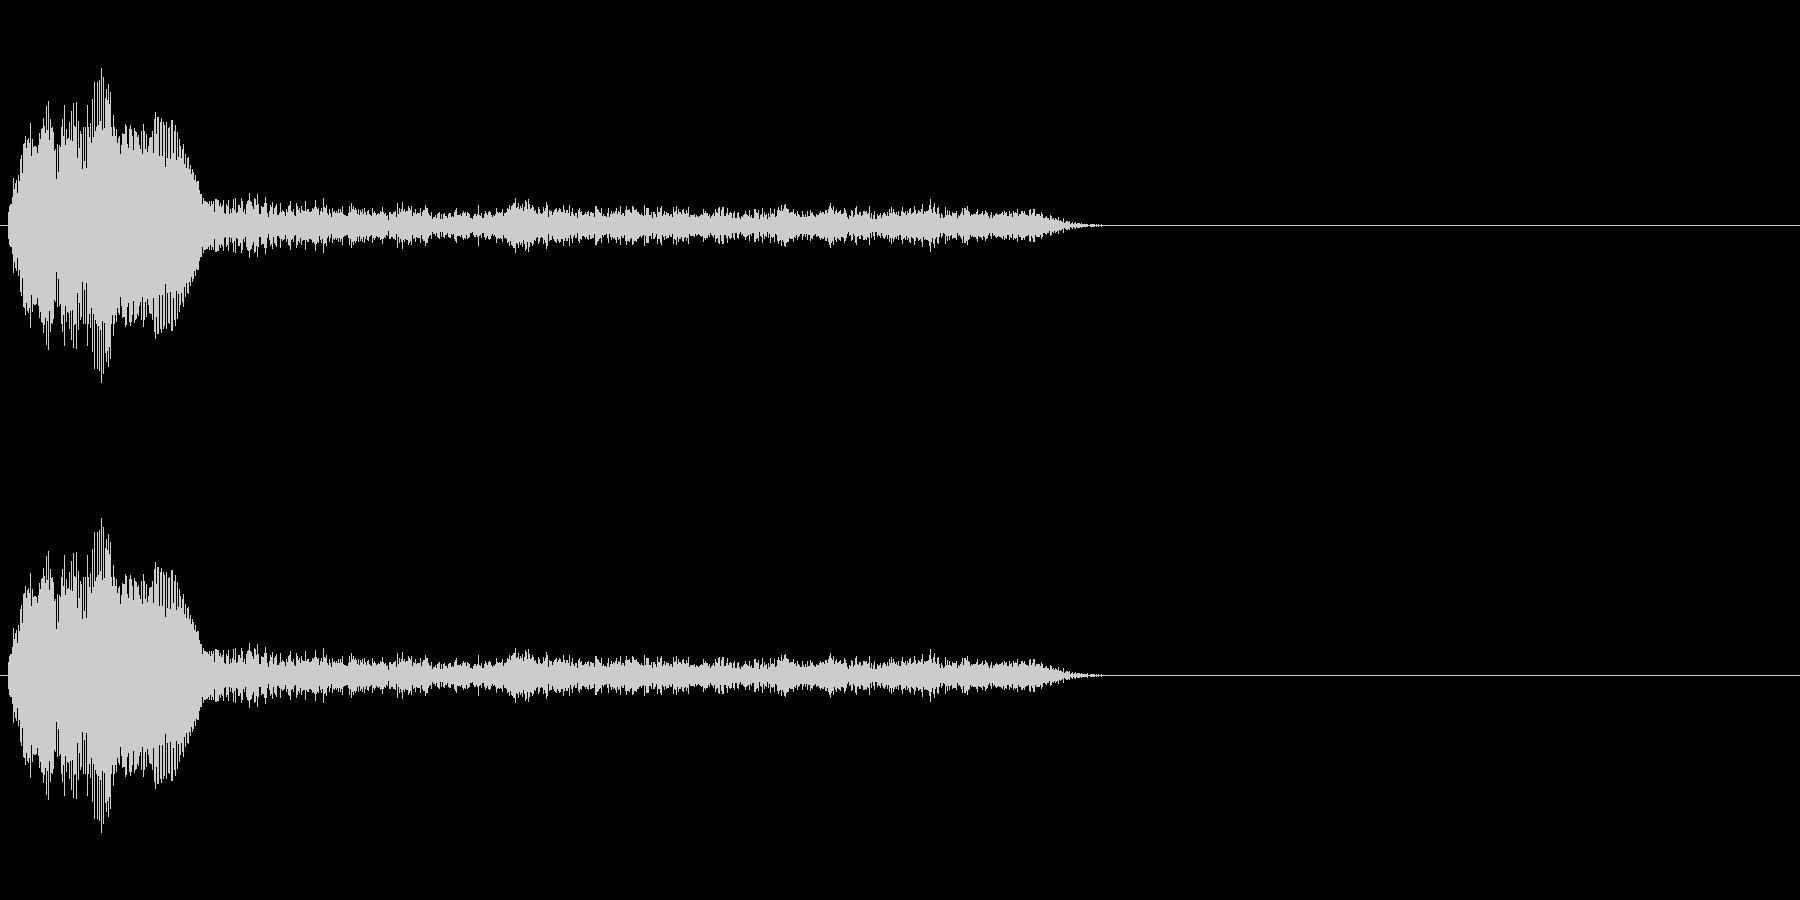 SF系ワンショット(ワギャワギャ)の未再生の波形